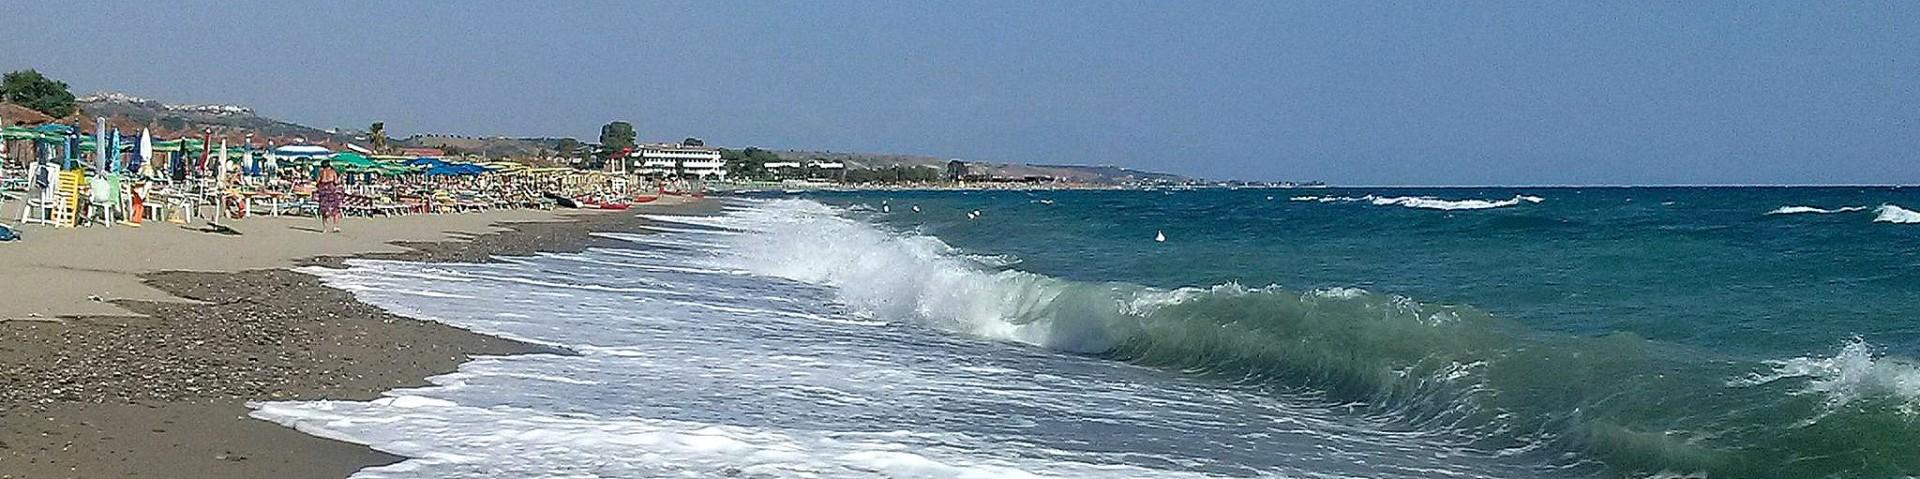 Marina di Mandatoriccio, pláž je střídavě písčitá a oblázková